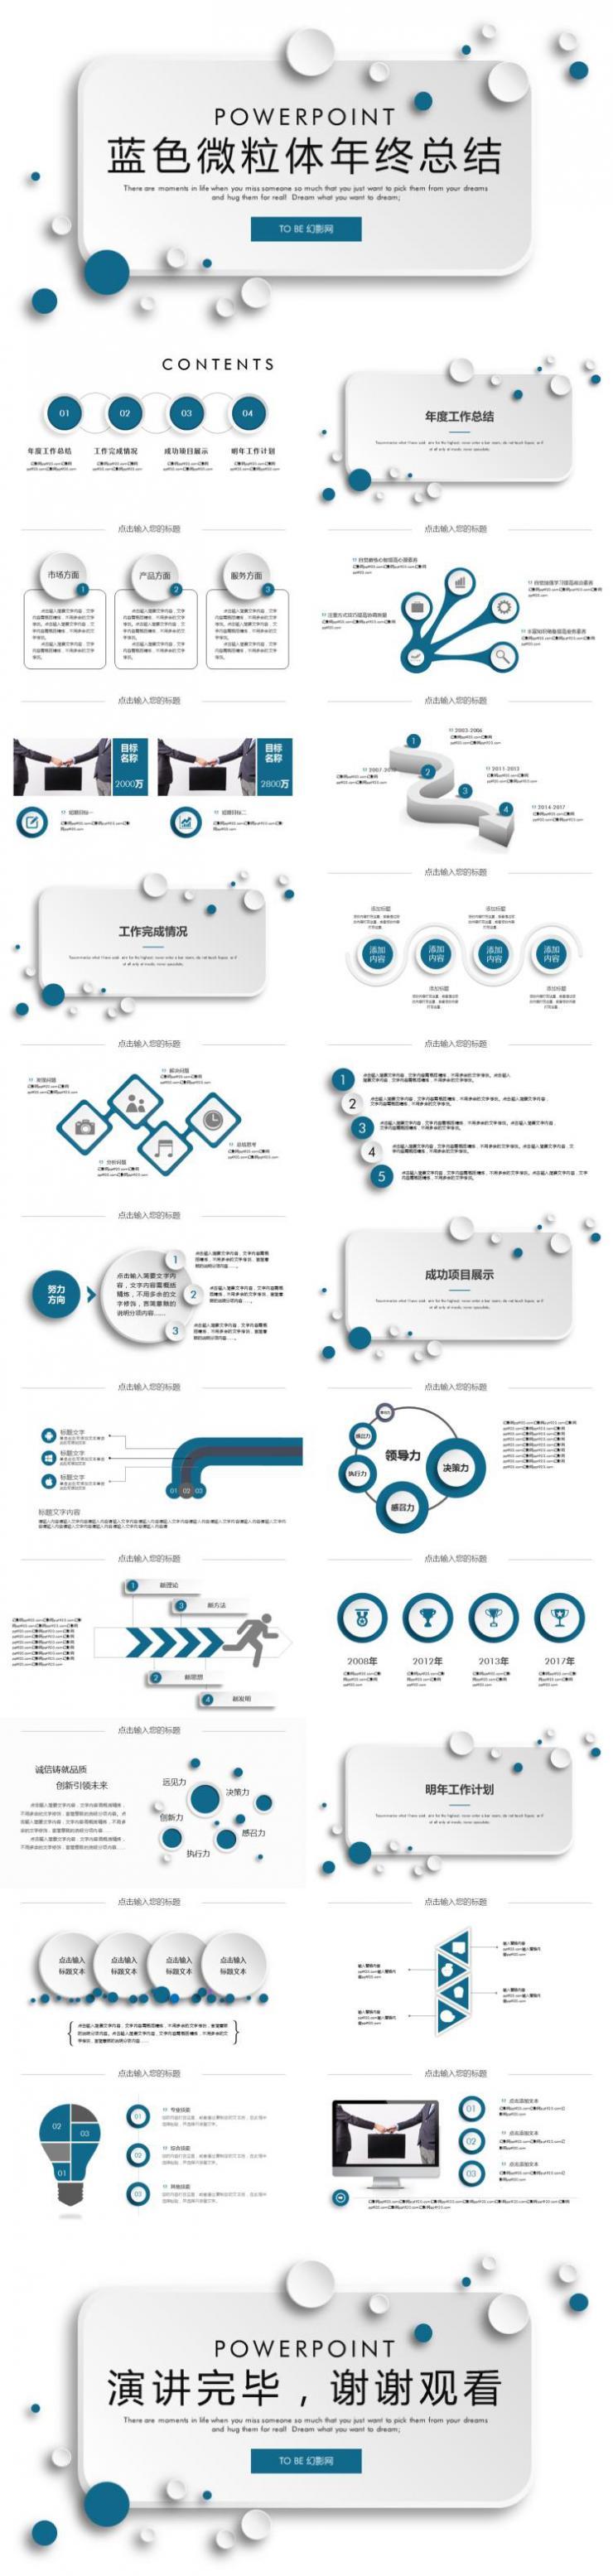 蓝色微立体年终总结PPT模板下载